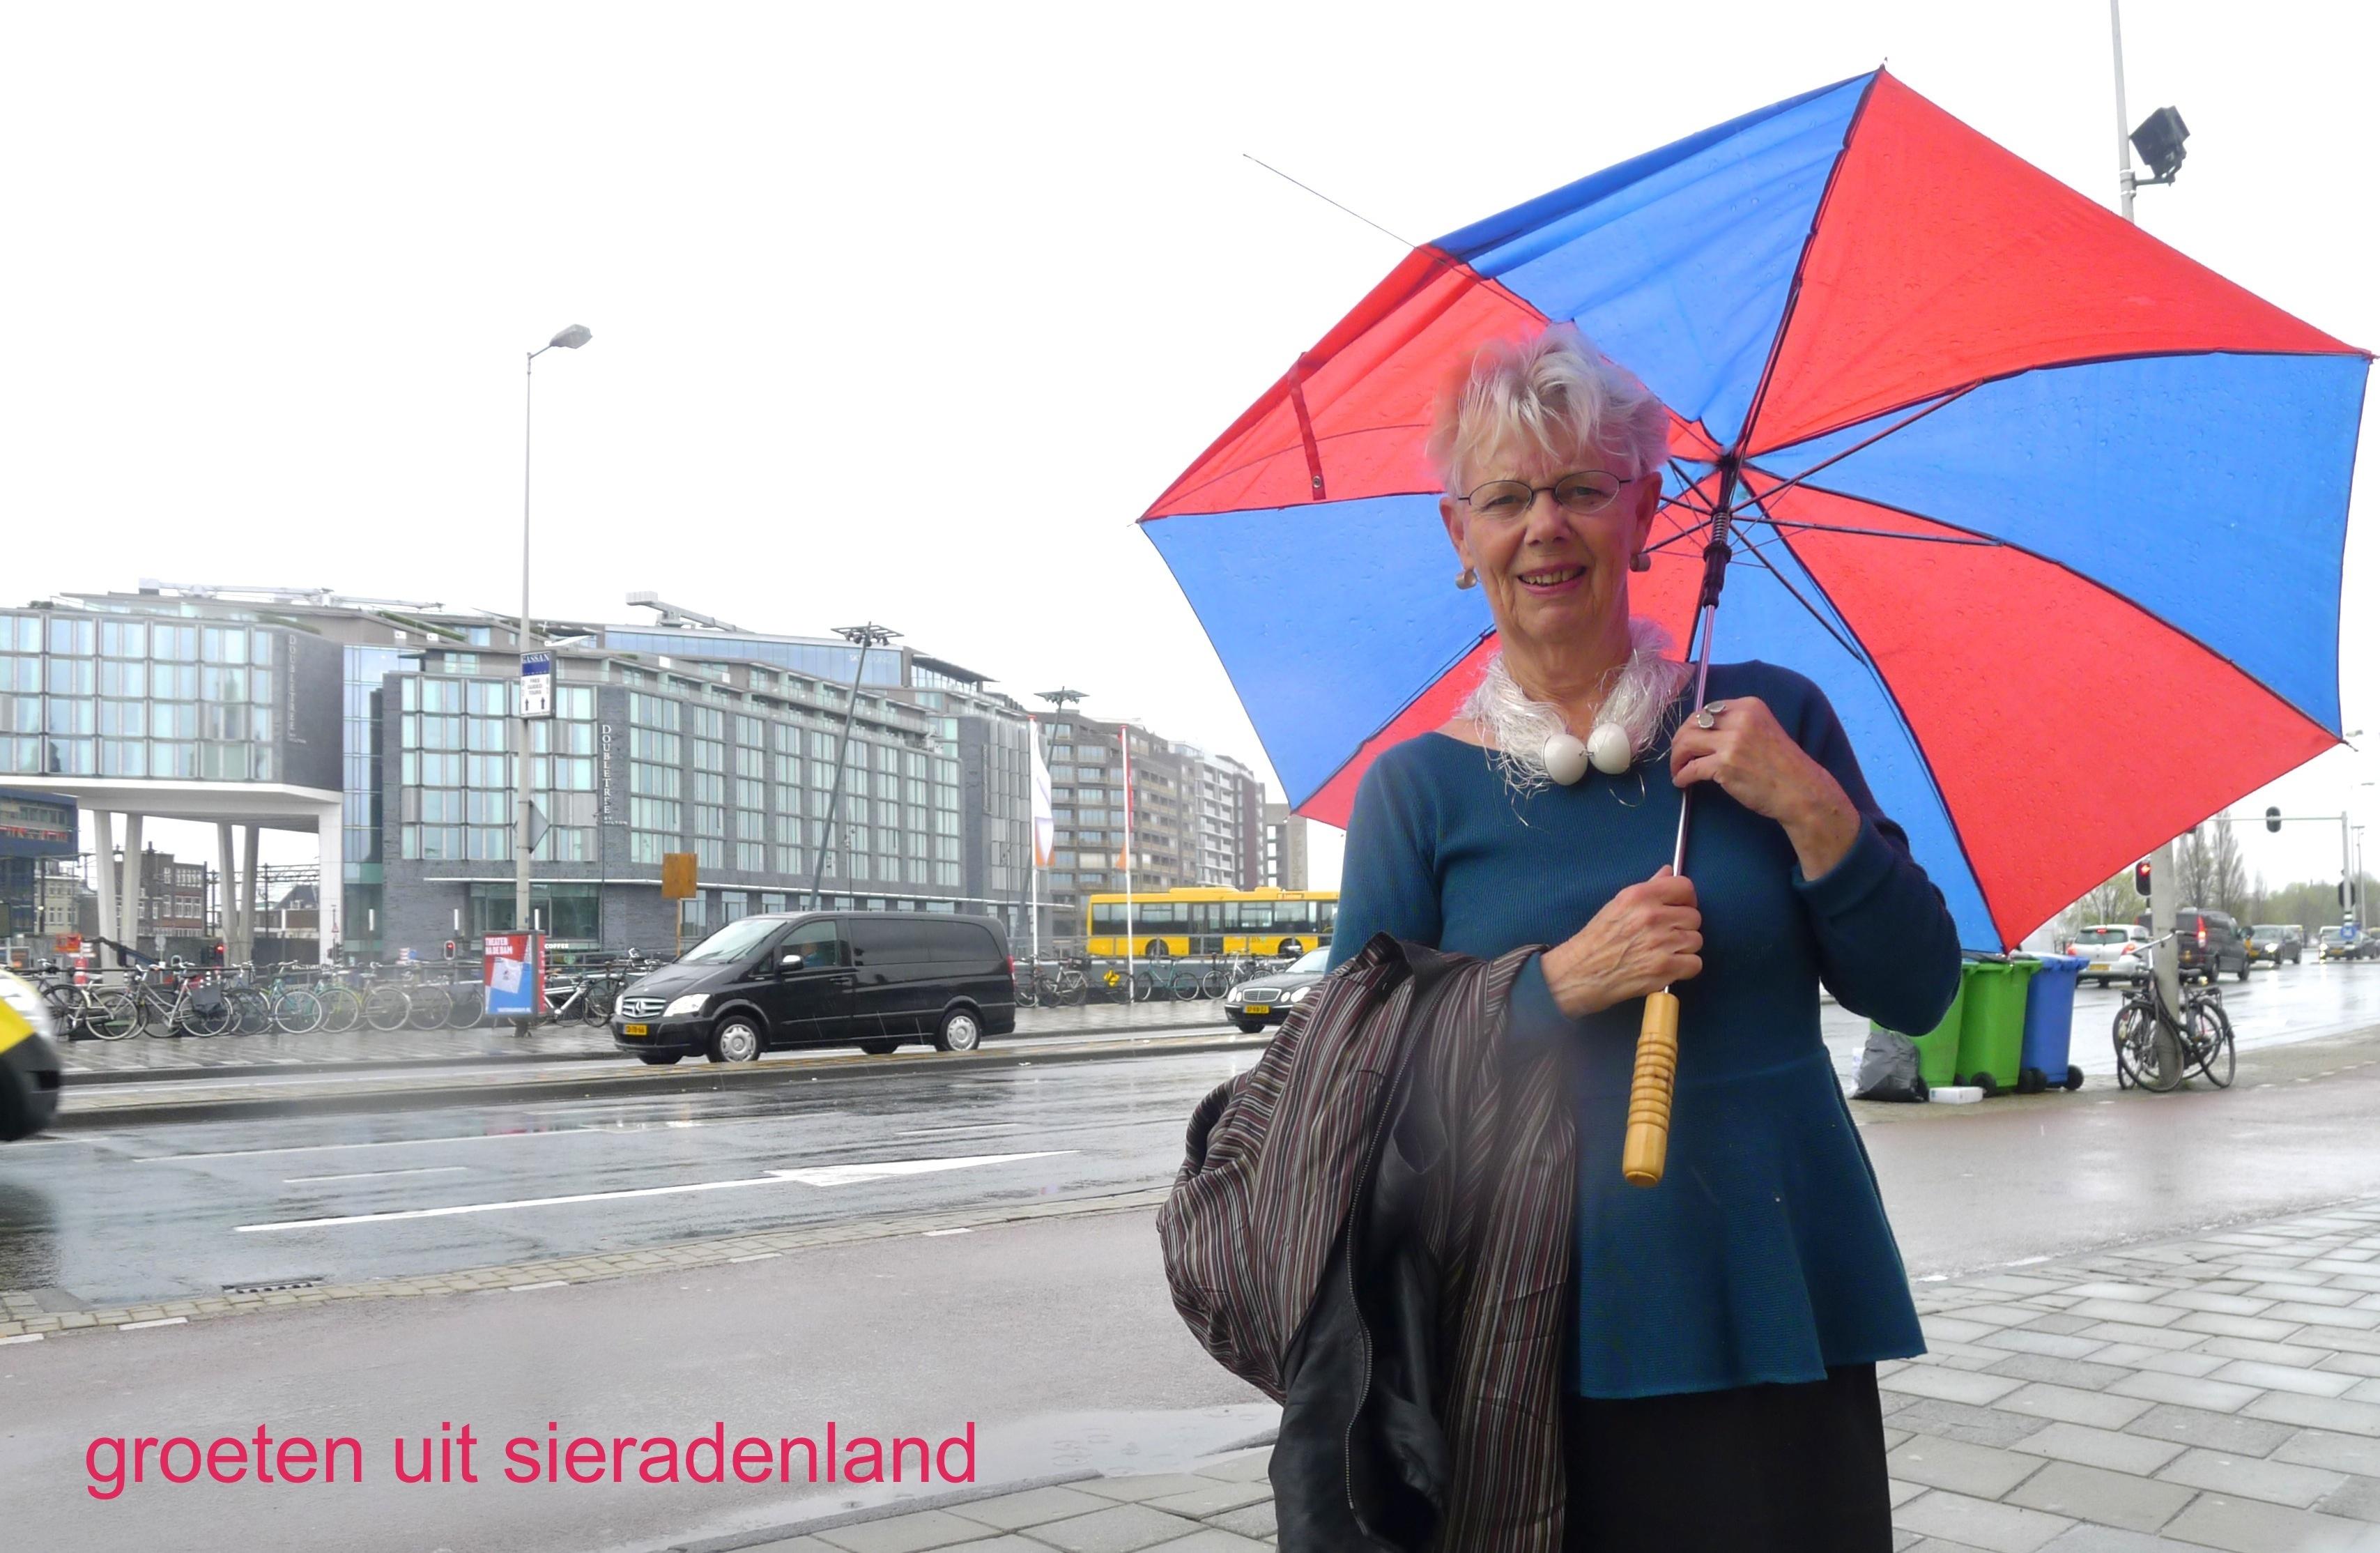 Claartje Keur, Zelfportret met halssieraad van Nina Sajet, Amsterdam, Prins Hendrikkade, 26 april 2013. Foto Claartje Keur